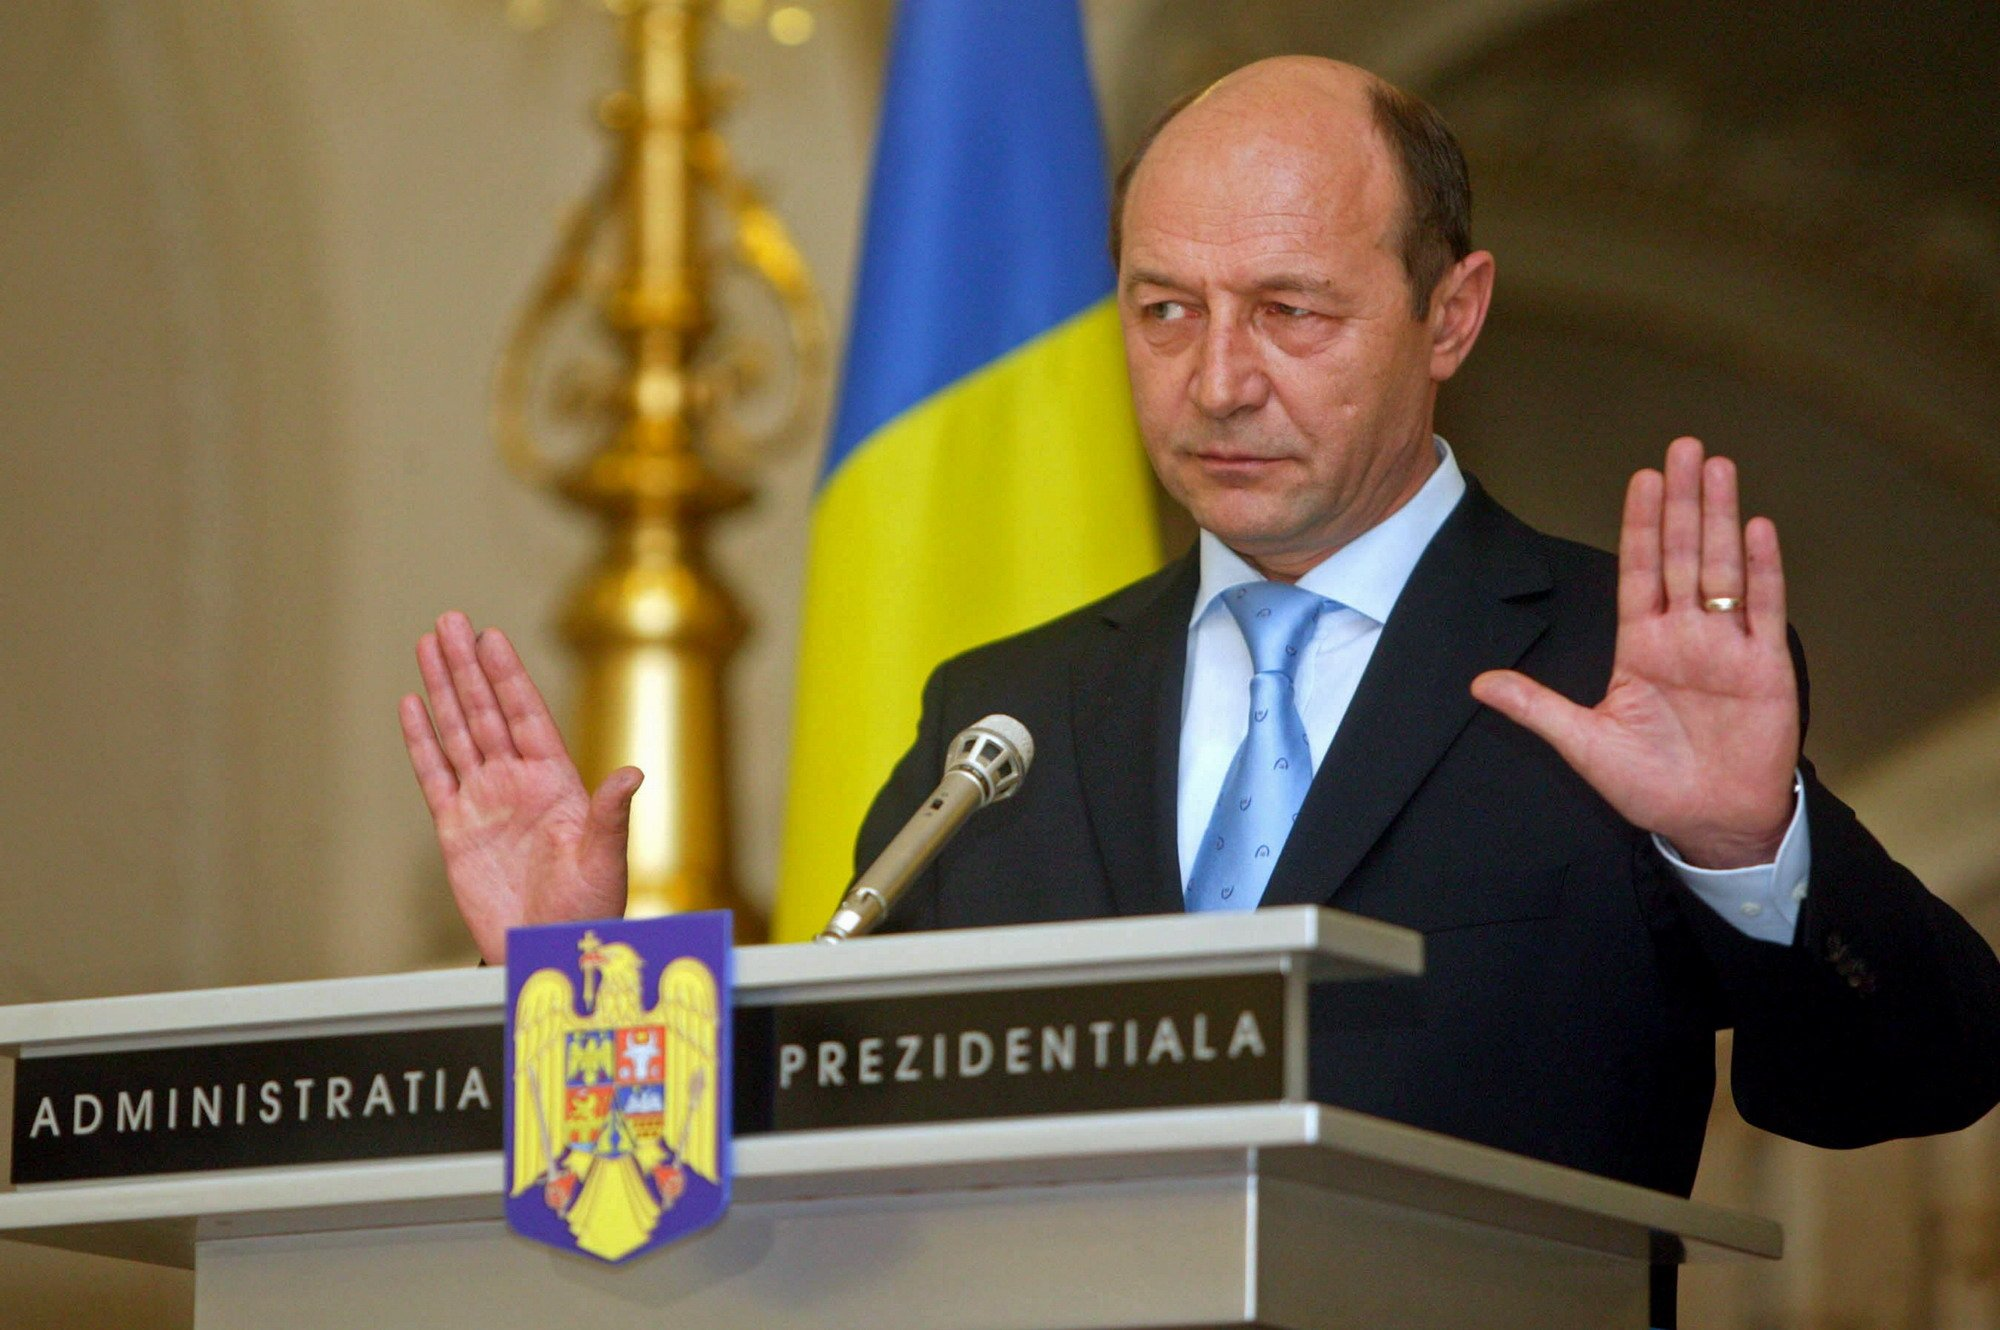 Detalii surprinzătoare despre Iliescu și Băsescu. Câți bani primesc foștii președinți